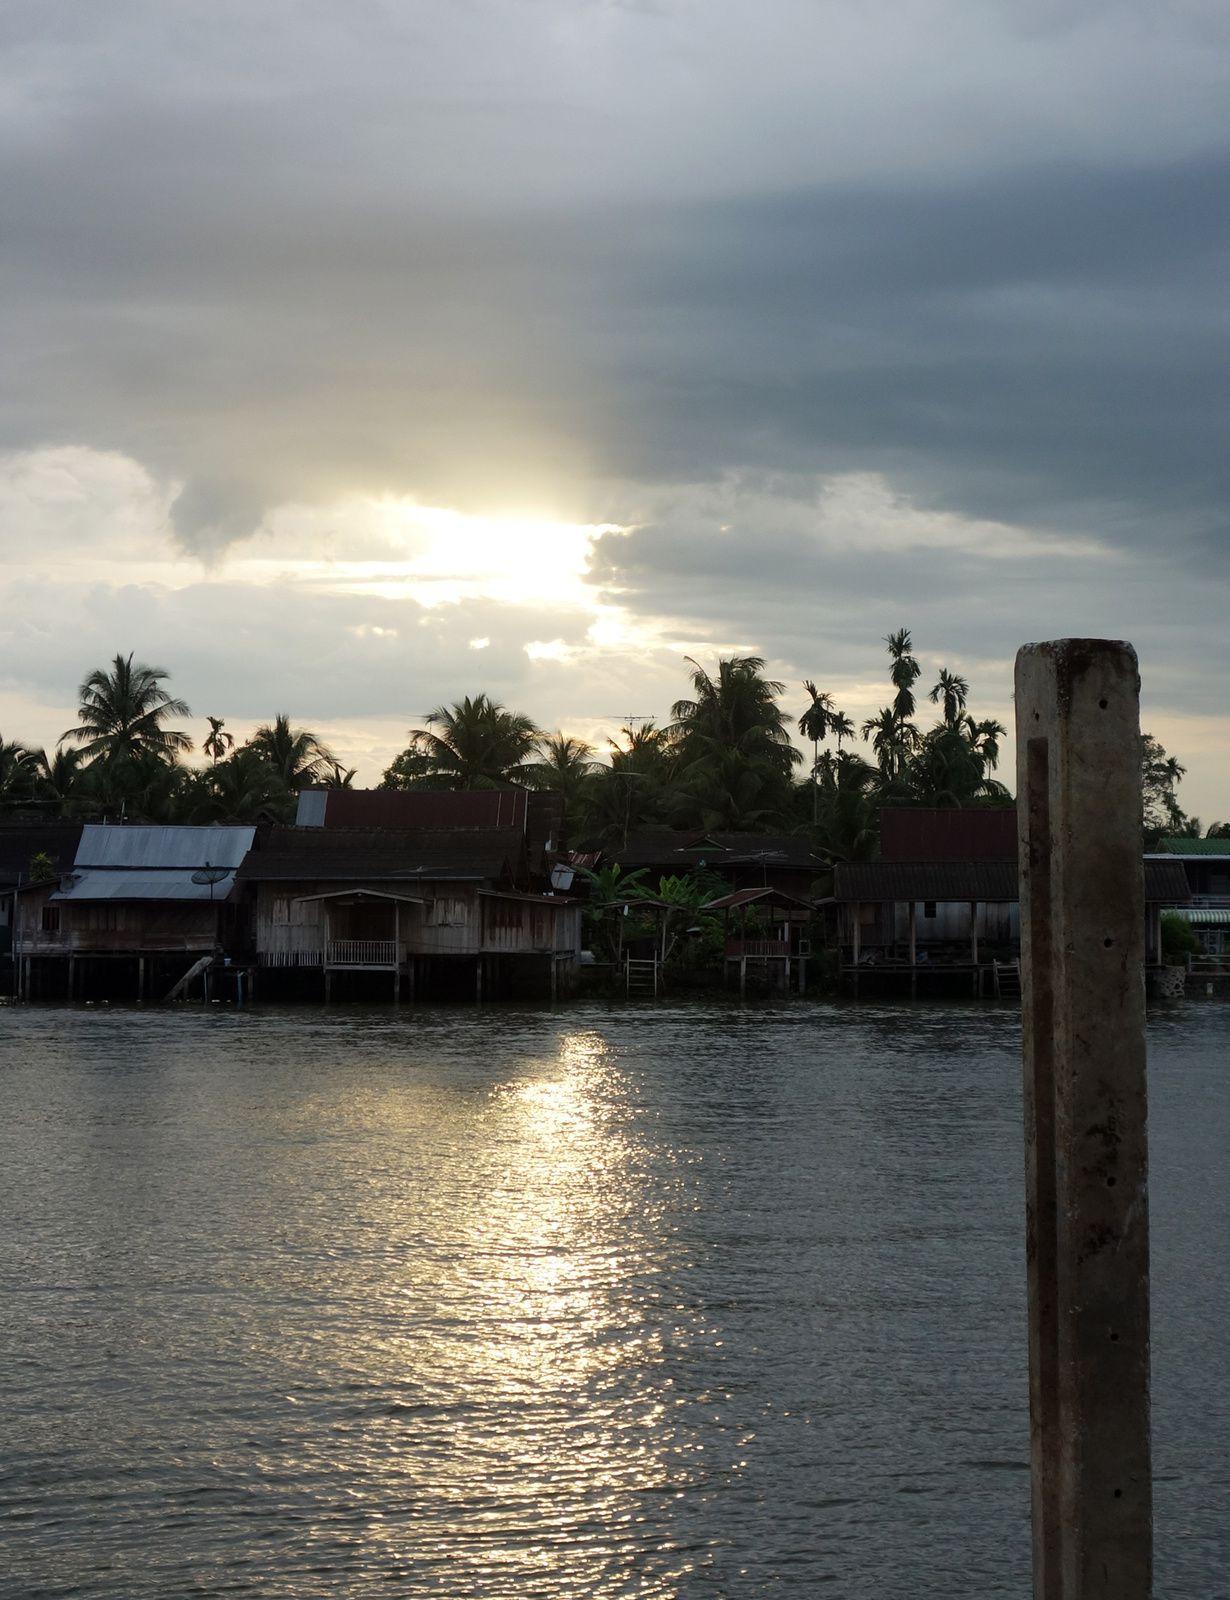 Je vous emmène en Thaïlande (Amazing Thaïland) # 6